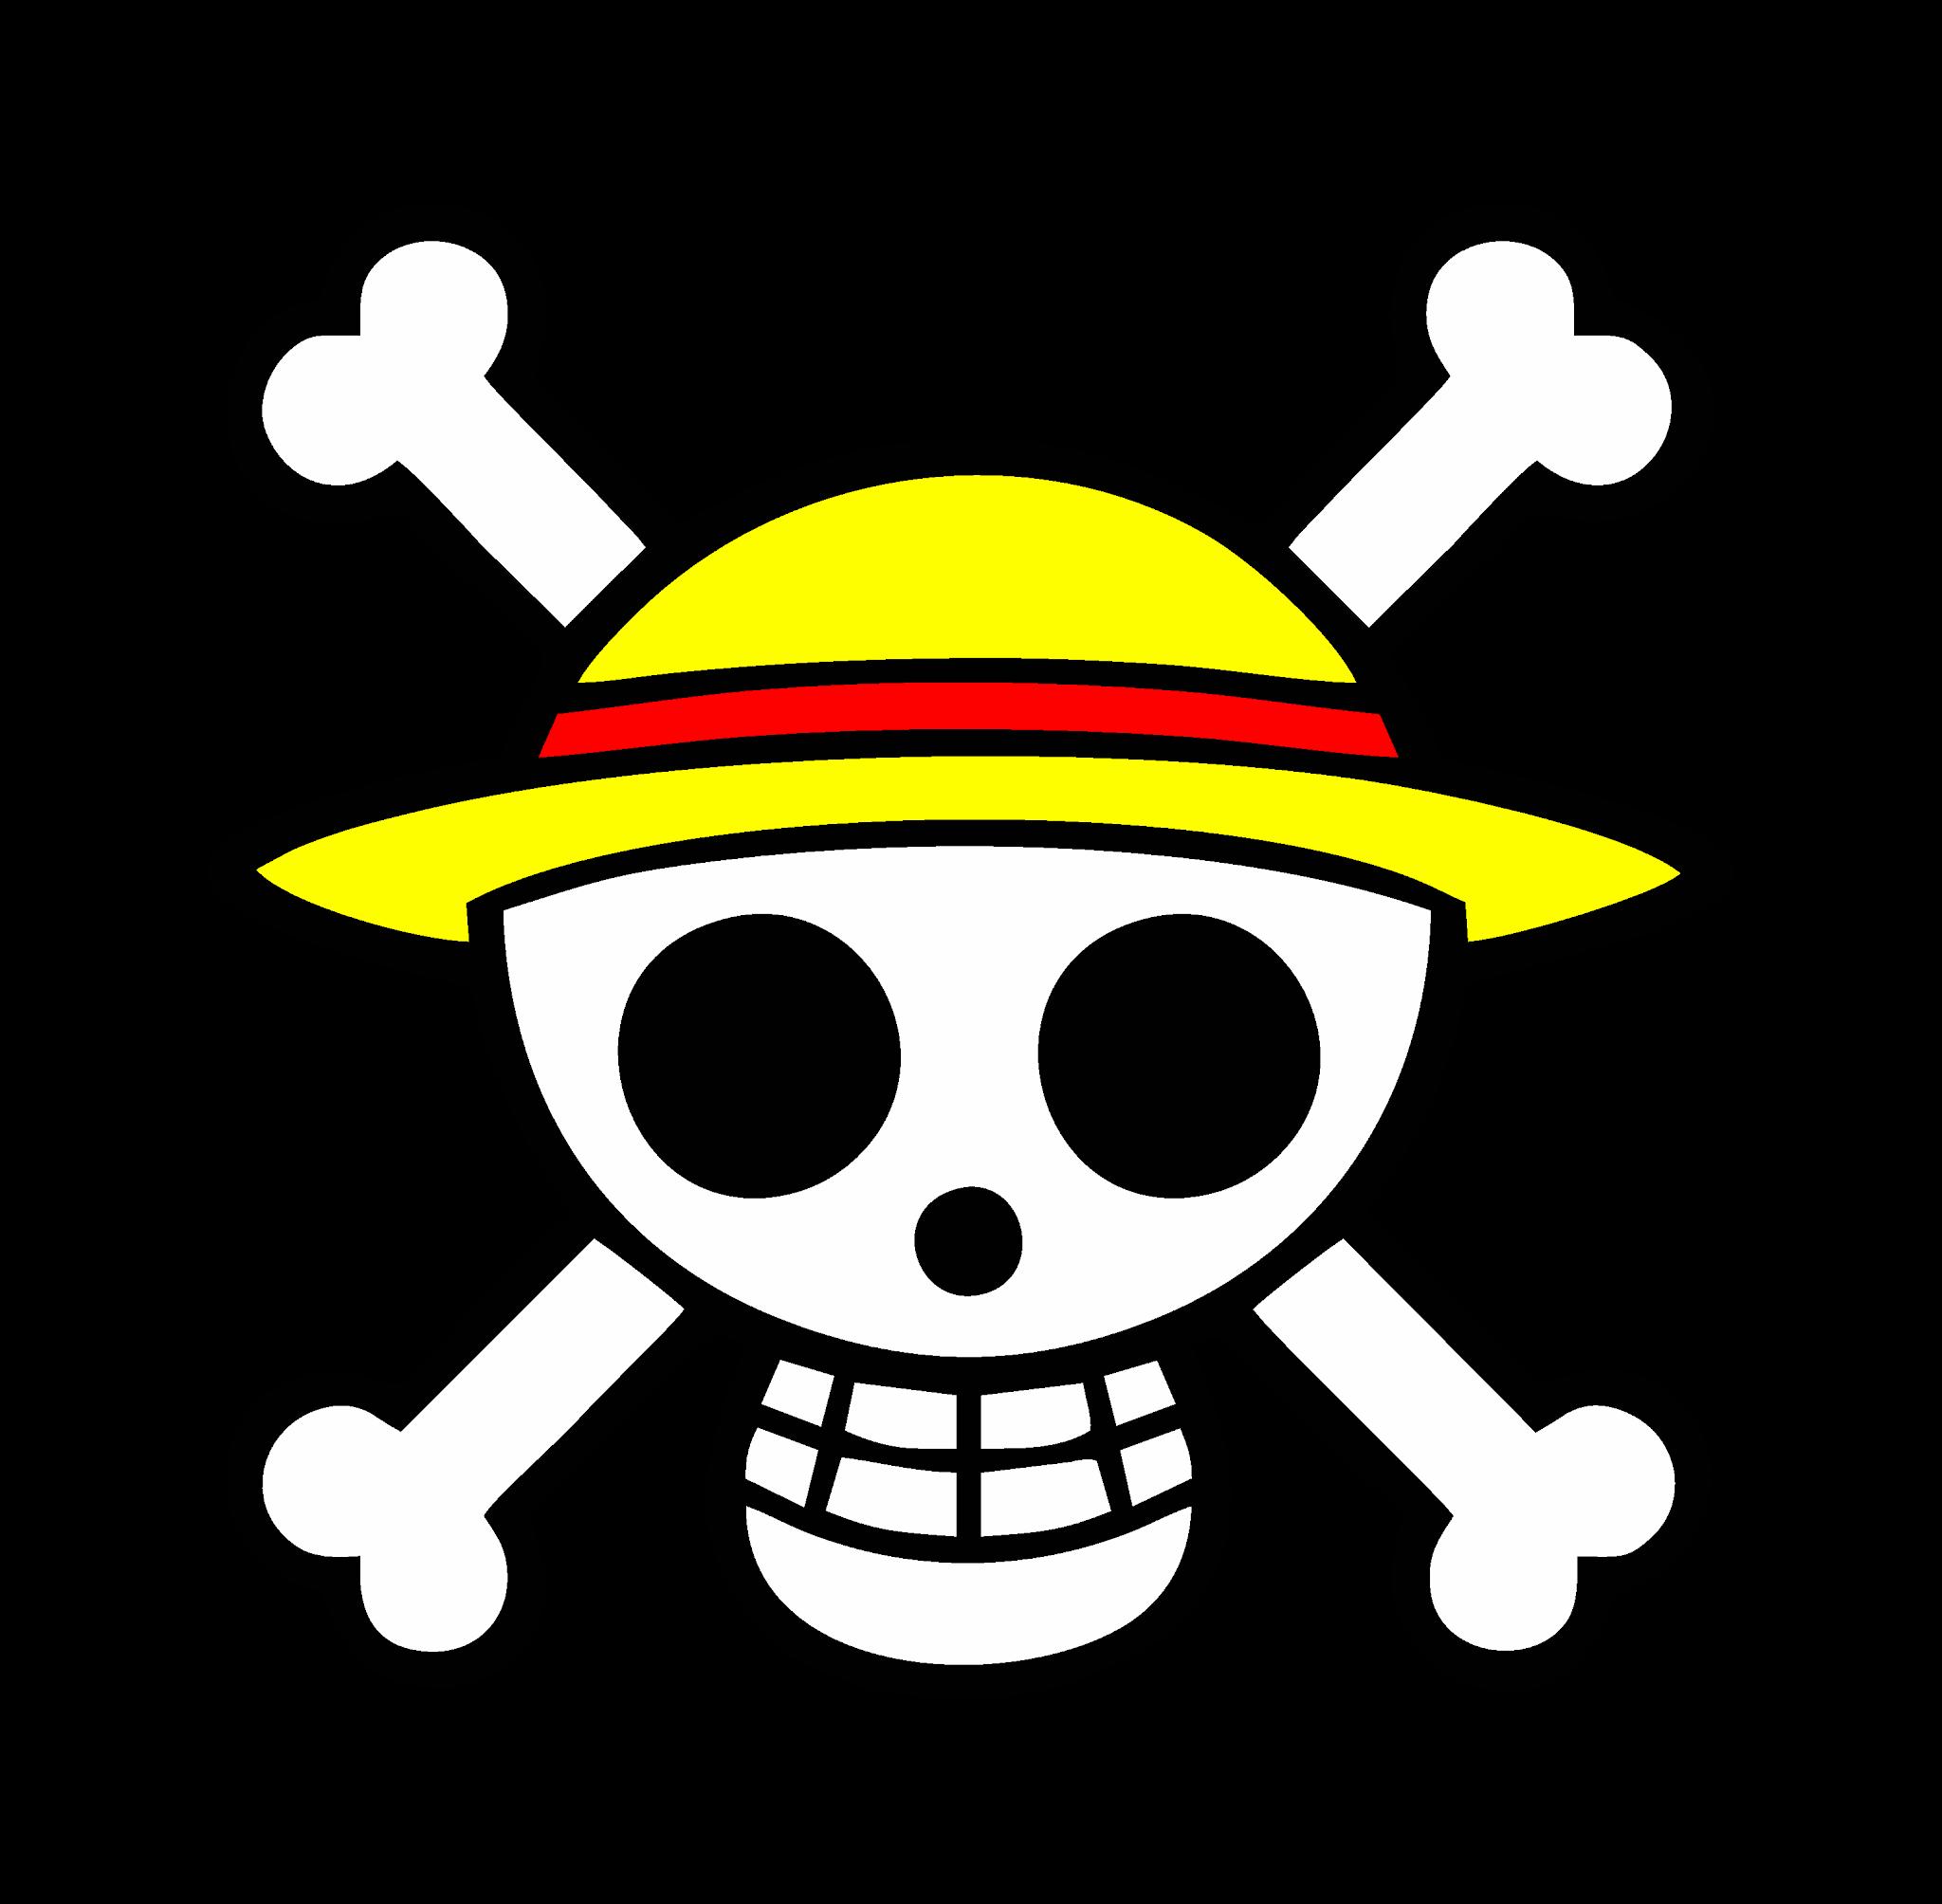 Logo One Piece - Yogiancreative